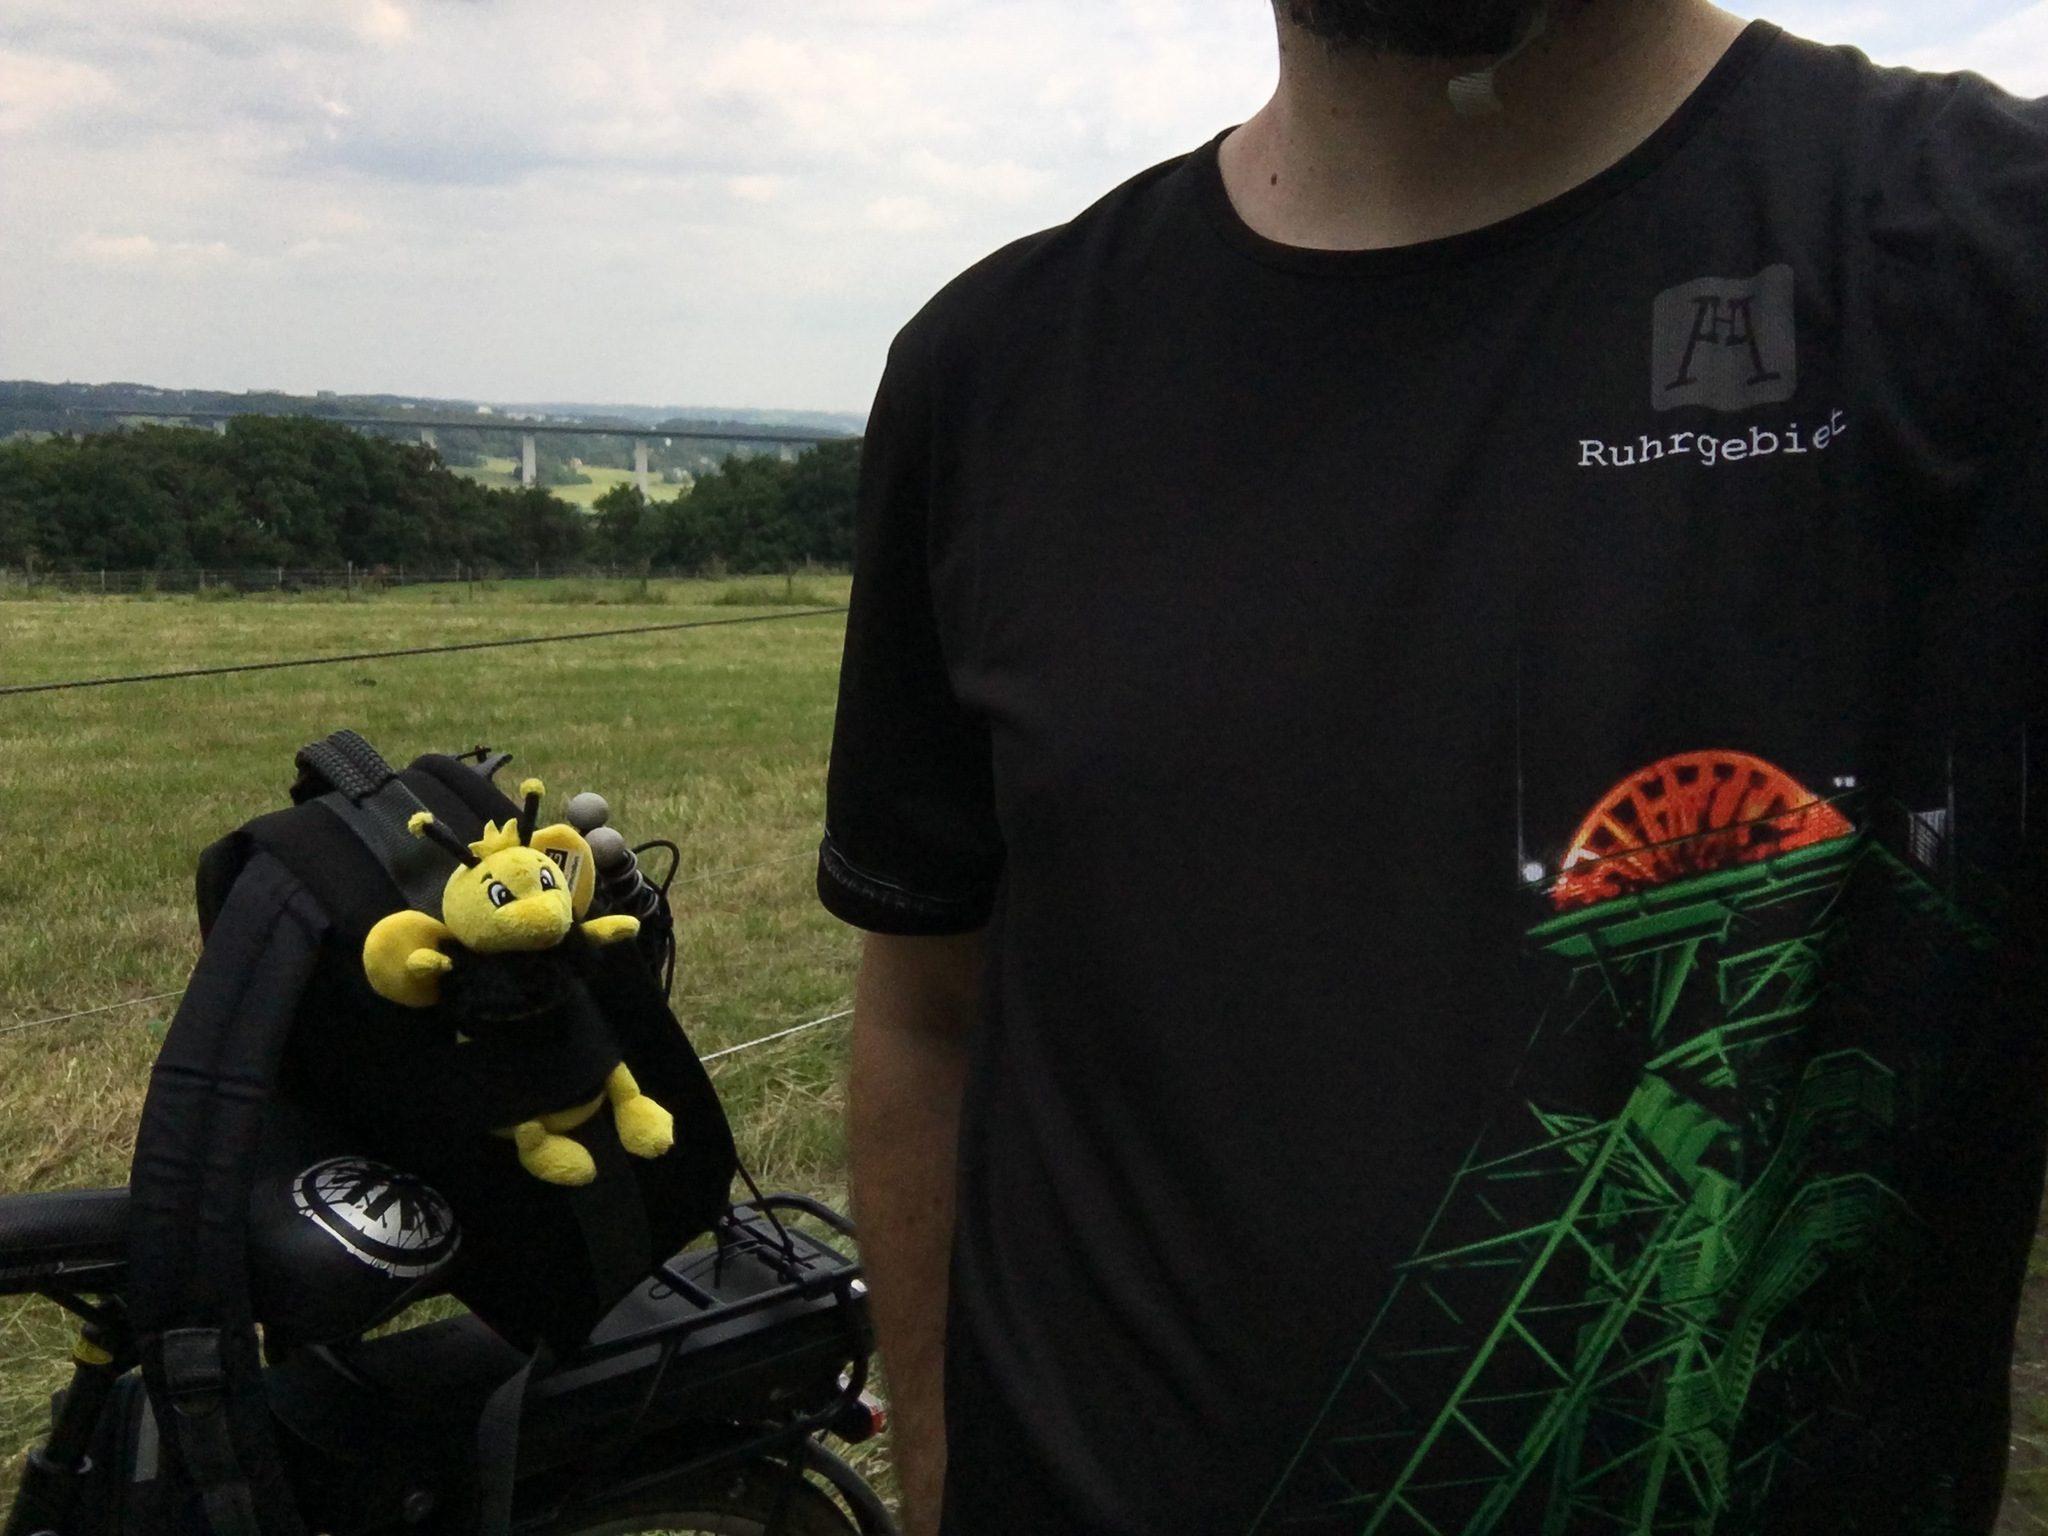 Mein Ruhrgebietsshirt und die RAG-Biene sind auch dabei.